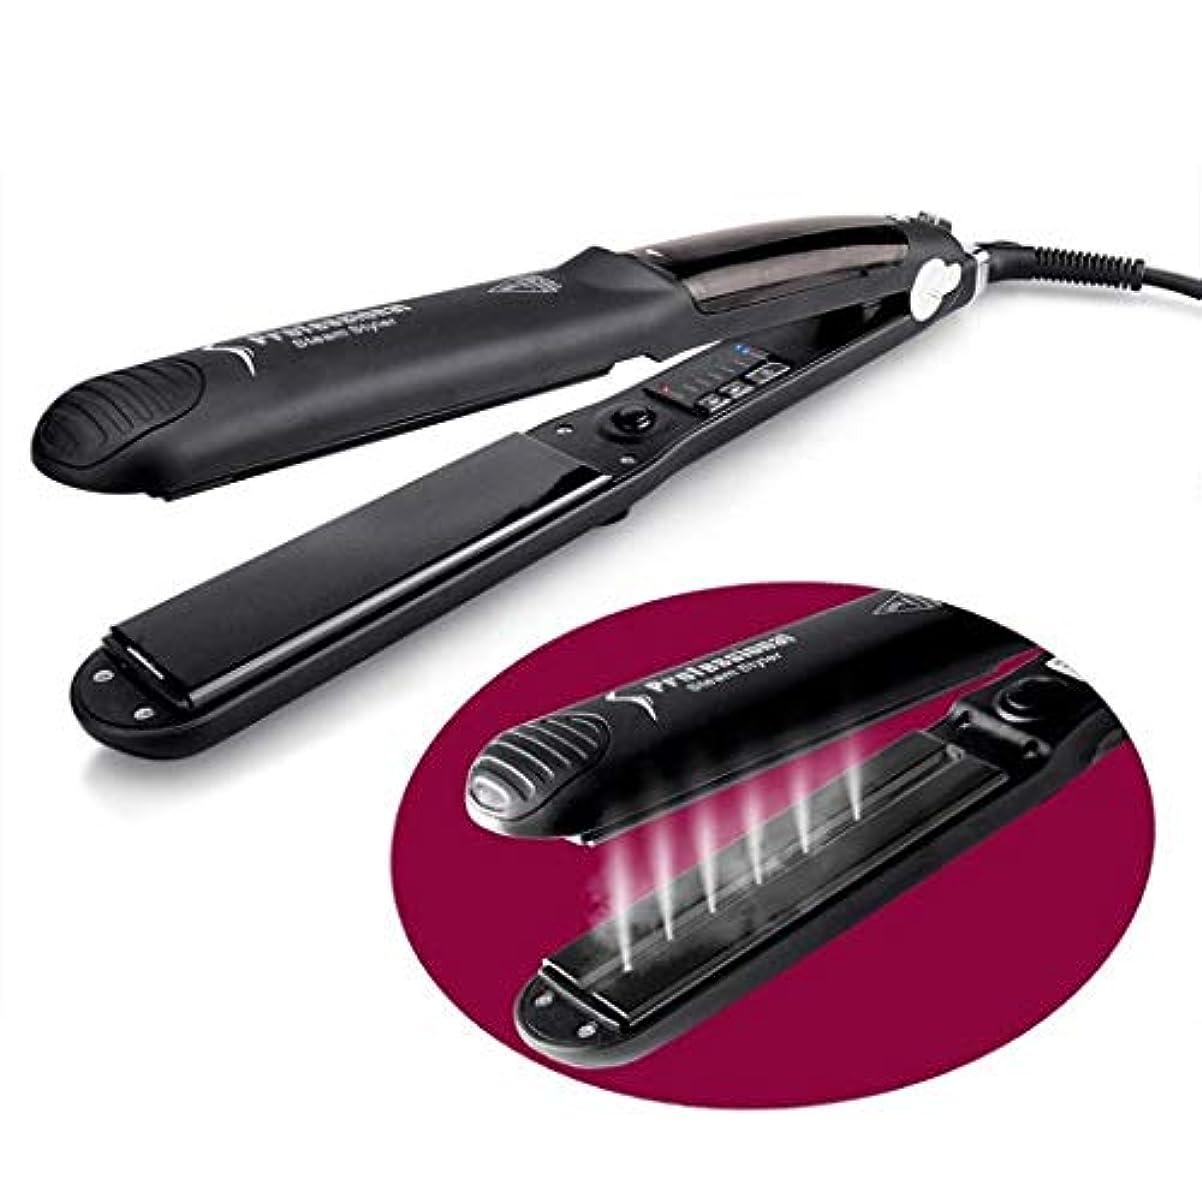 凍結匿名現れるストレートヘアアイロンカーラー、セラミックサロンストレートヘアアイロン、多機能赤外線マイナスイオン、液晶ディスプレイ、ストレートヘアスプリントヘアカーラーデュアルユース